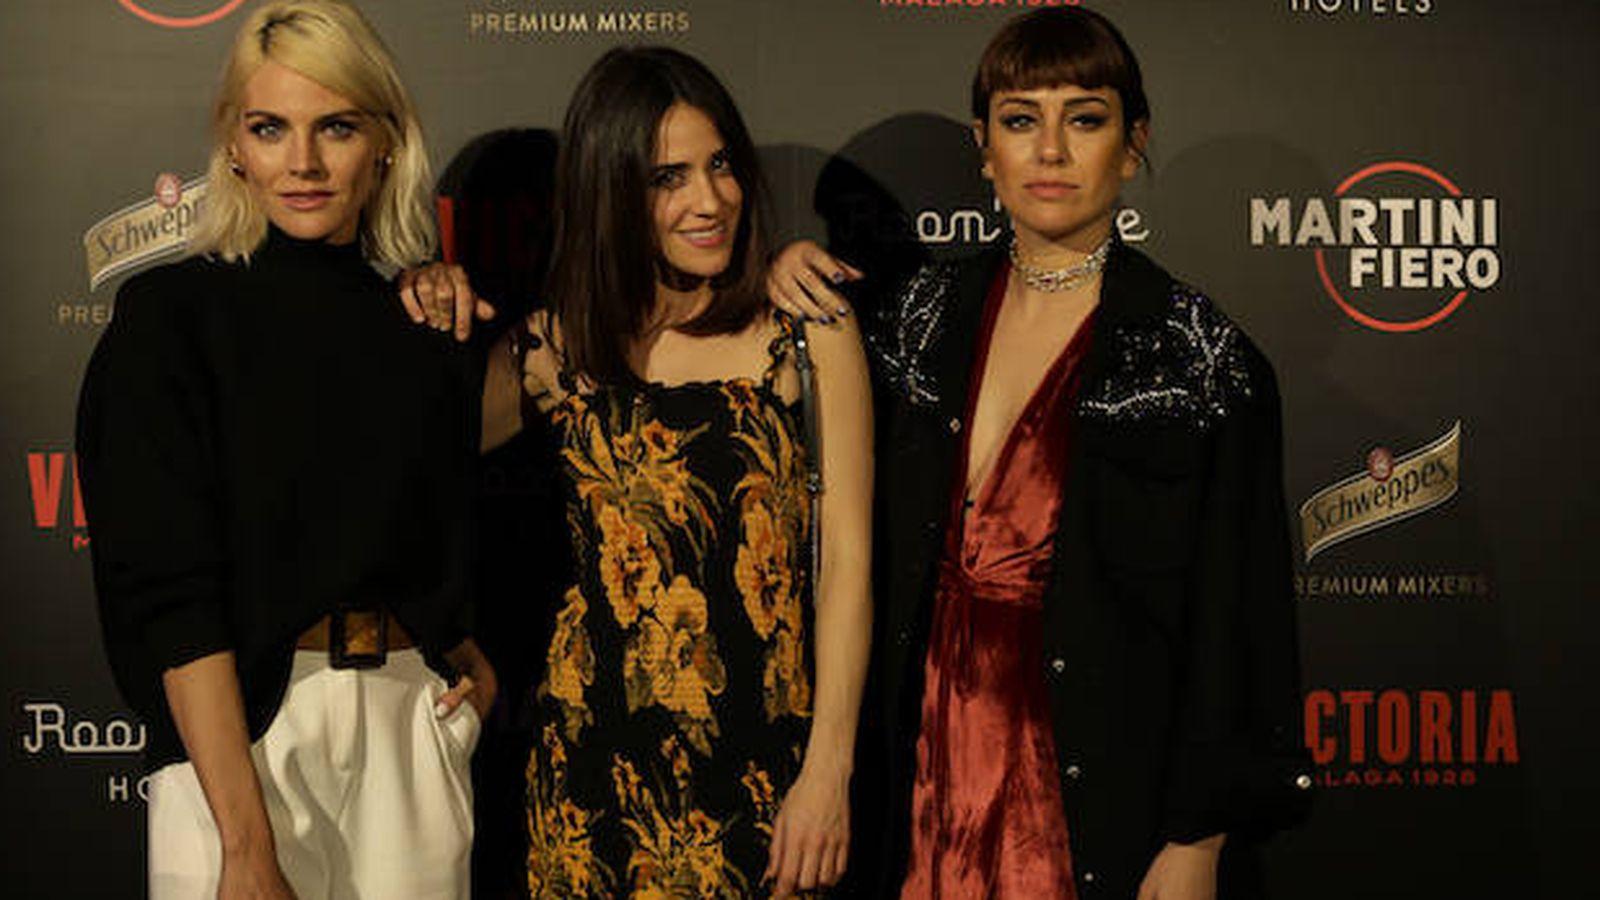 Foto:  Amaia, Macarena y Blanca. (Cortesía)